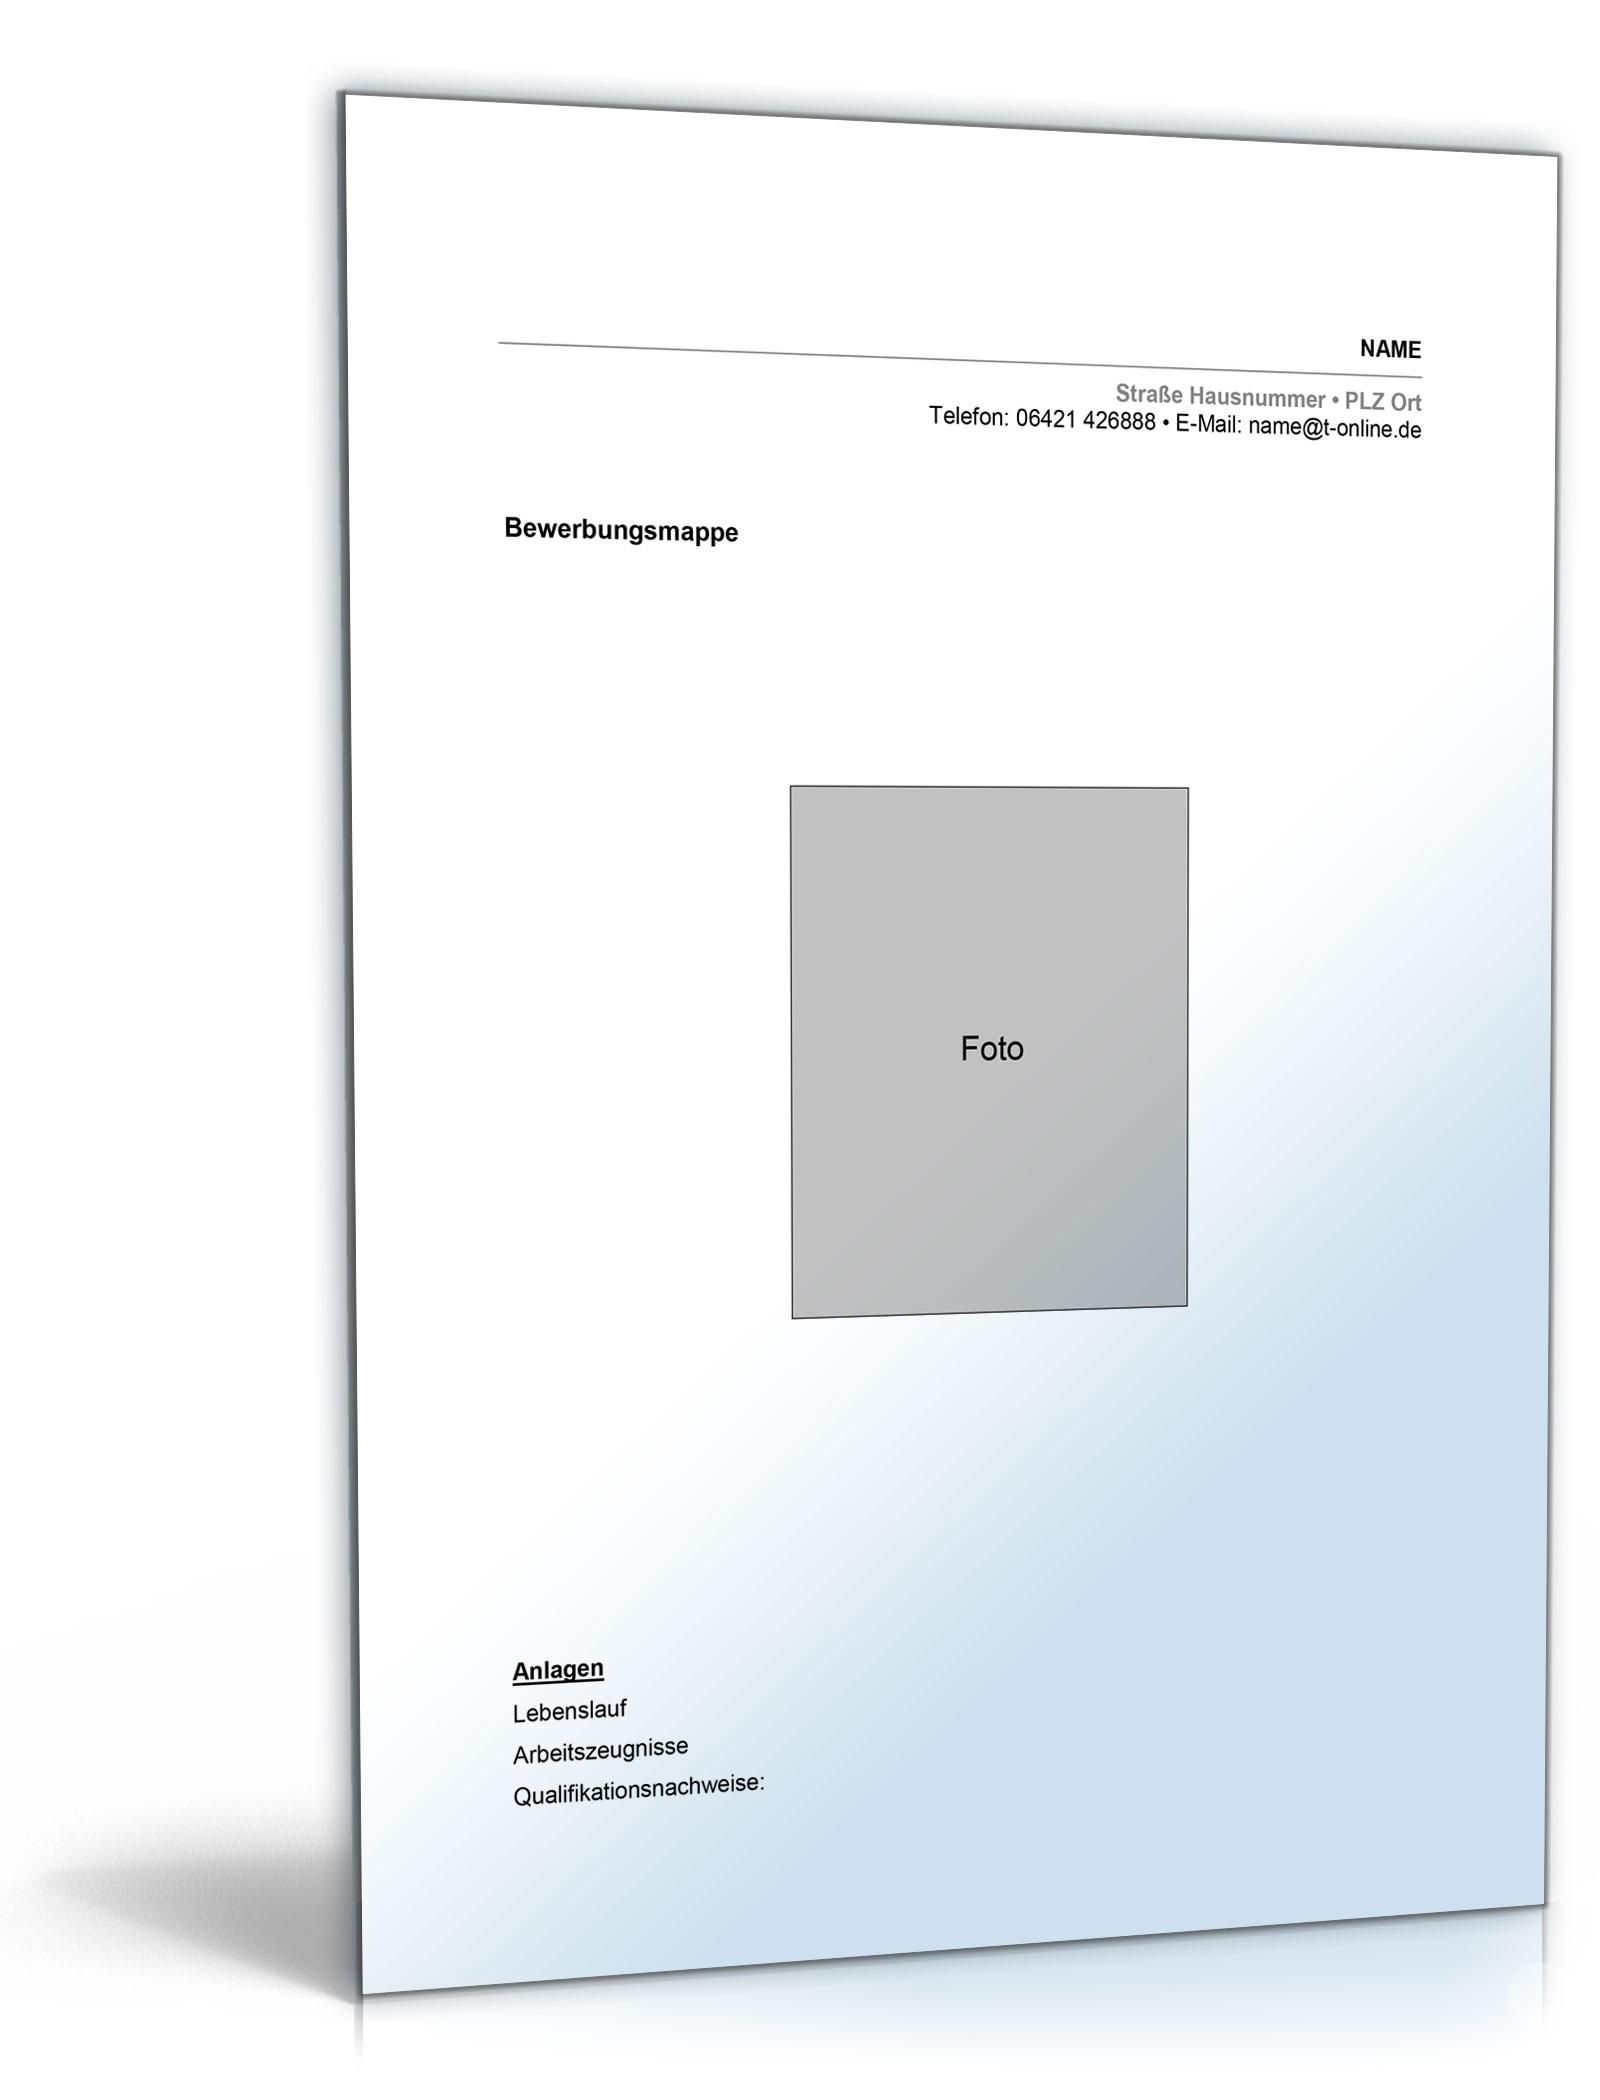 Charmant Der Lebenslauf Beschwerden Einreichen Bilder - Beispiel ...